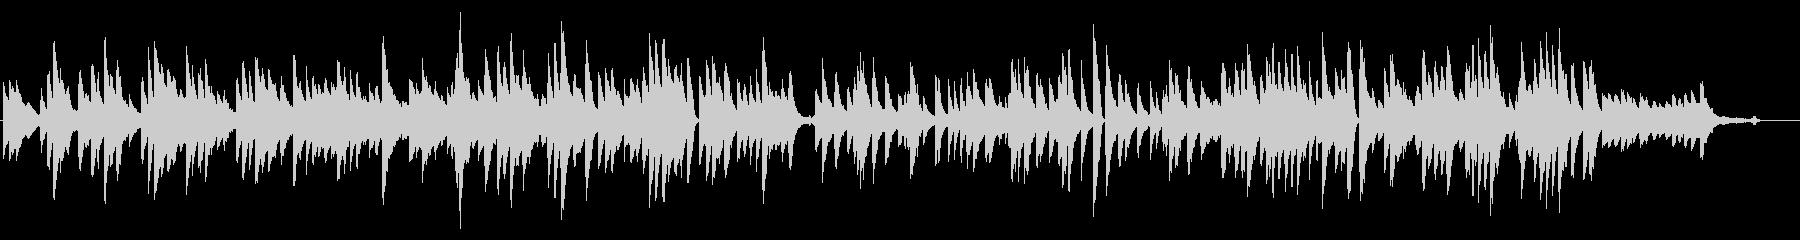 卒業・落ち着いたヒーリング系ピアノソロ曲の未再生の波形